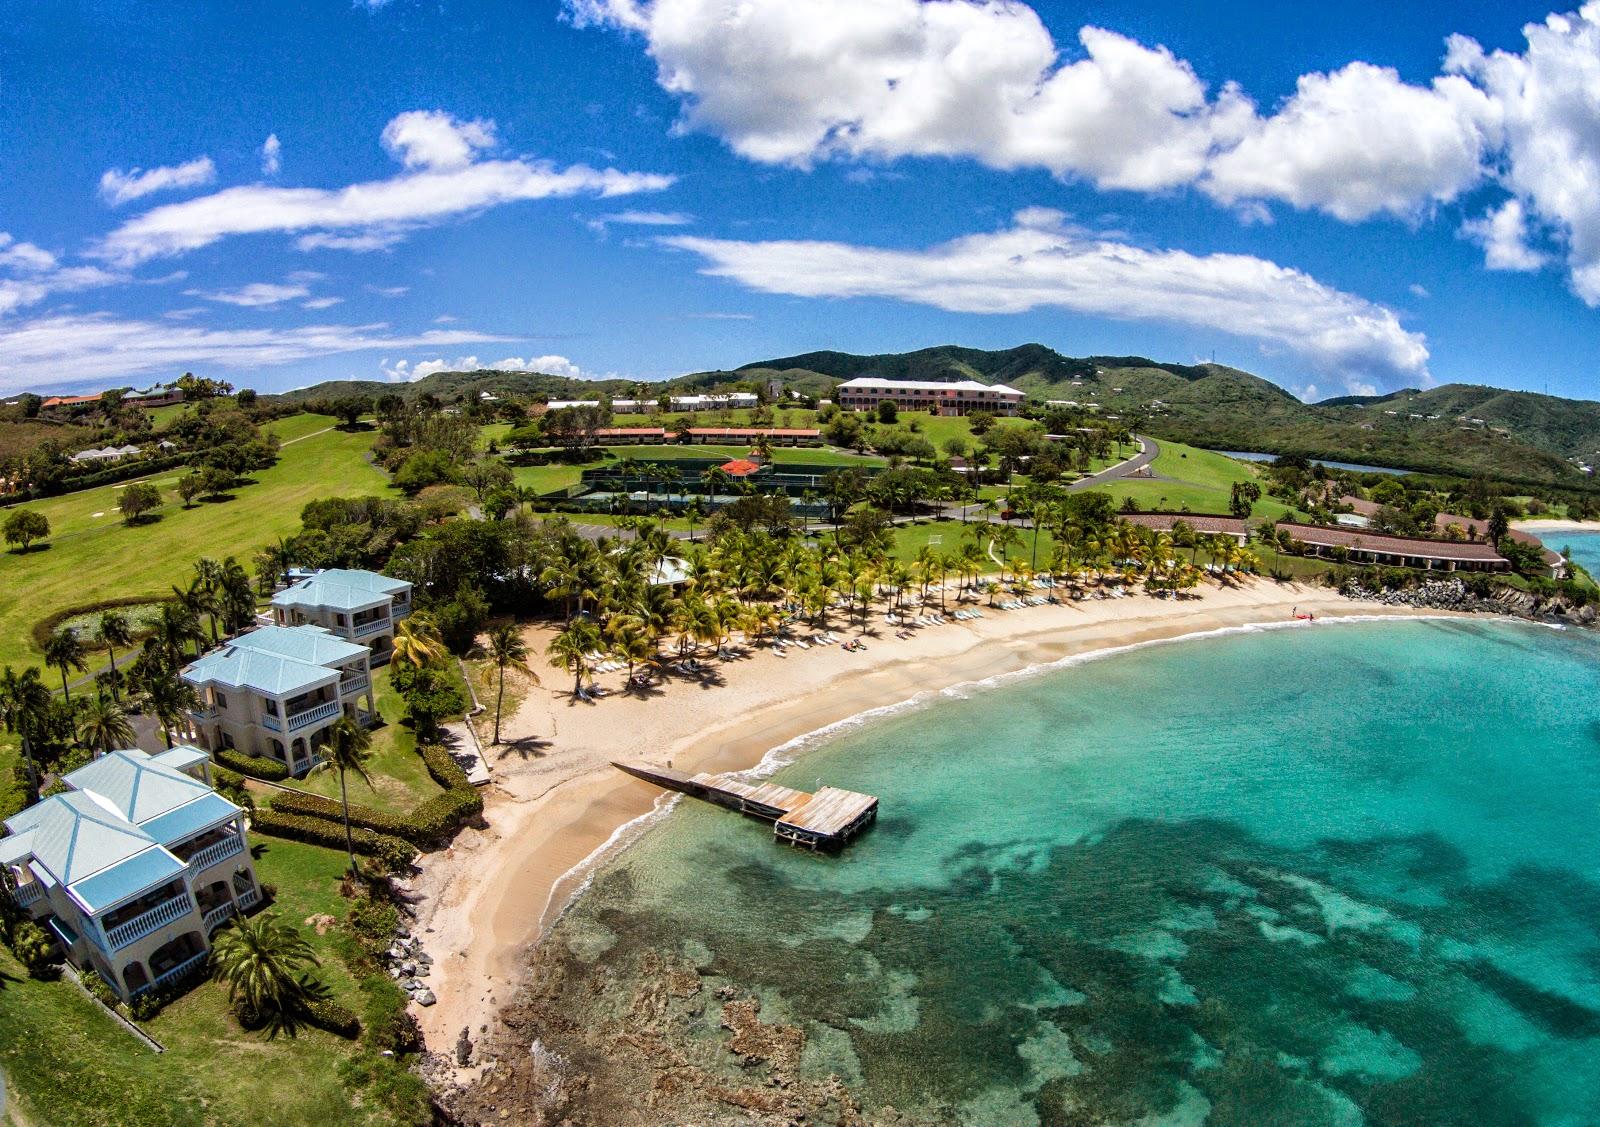 Buccaneer Resort Virgin Islands